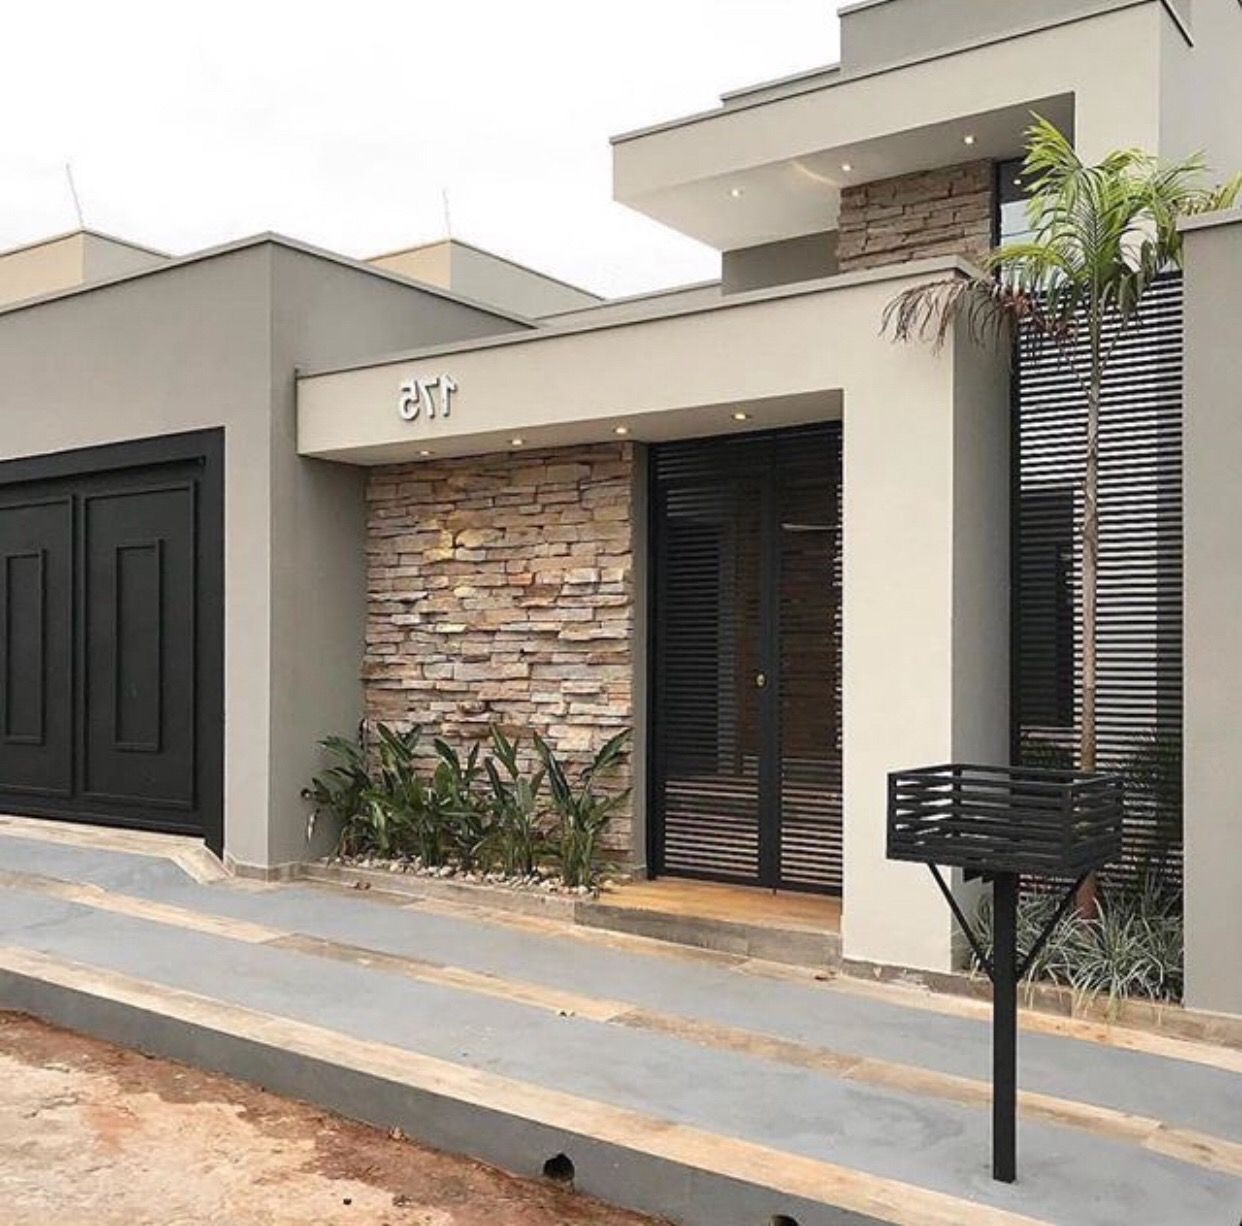 Fachadas d casas casas en 2019 fachadas casas - Decoraciones de casas modernas ...